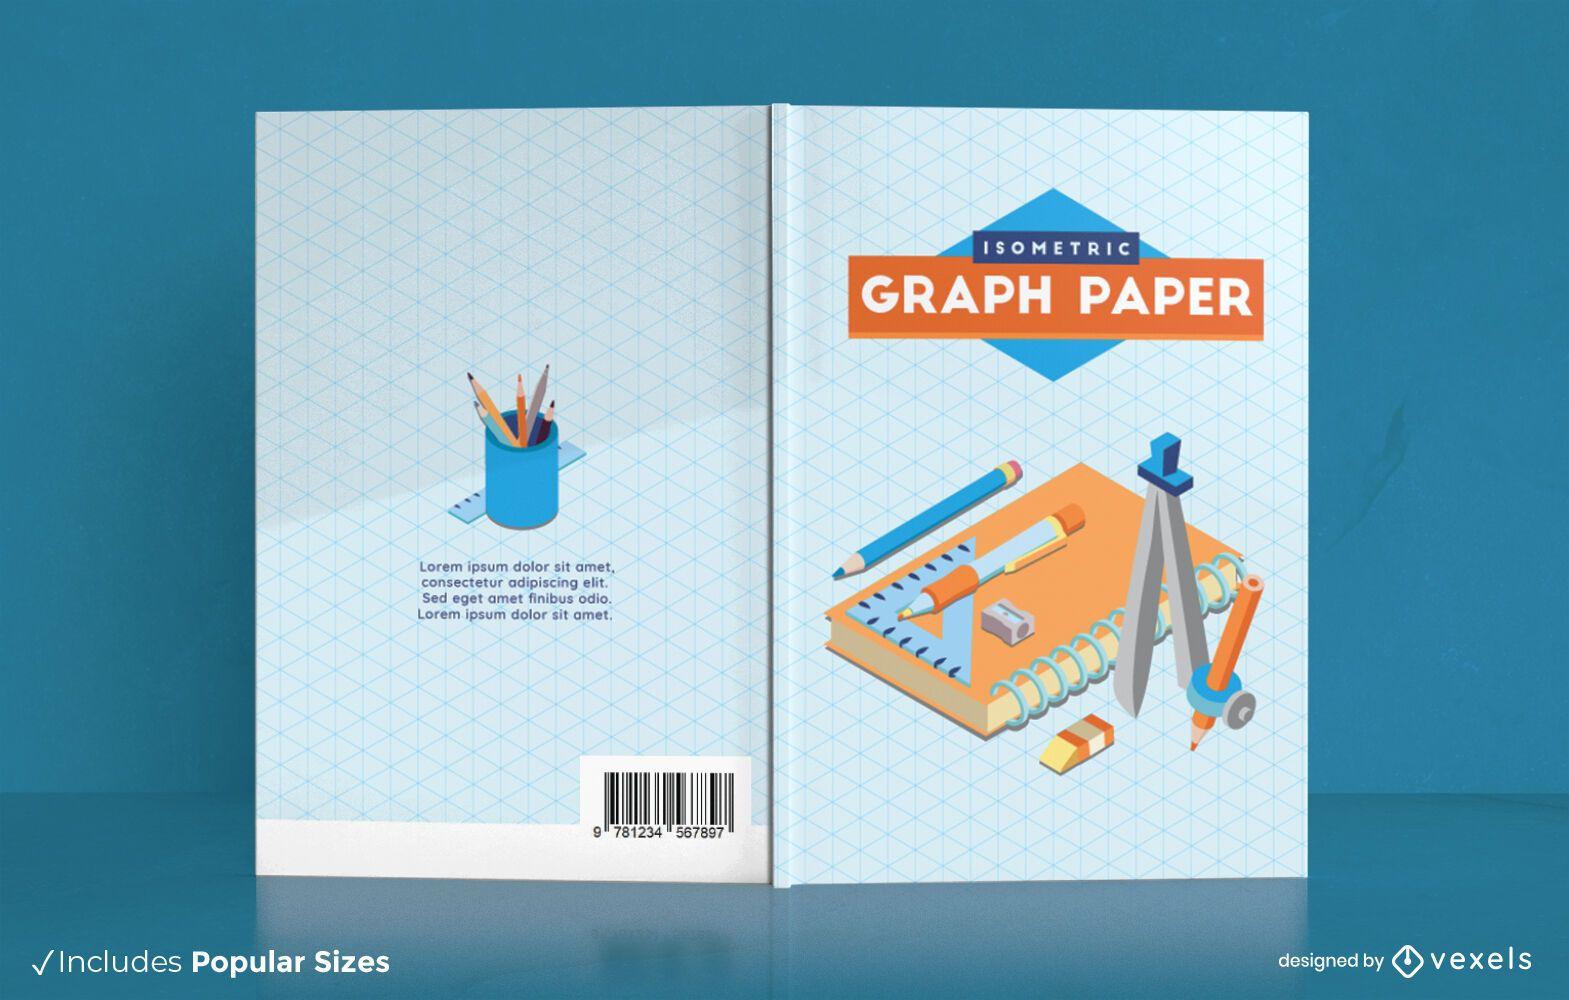 Graph paper book cover design